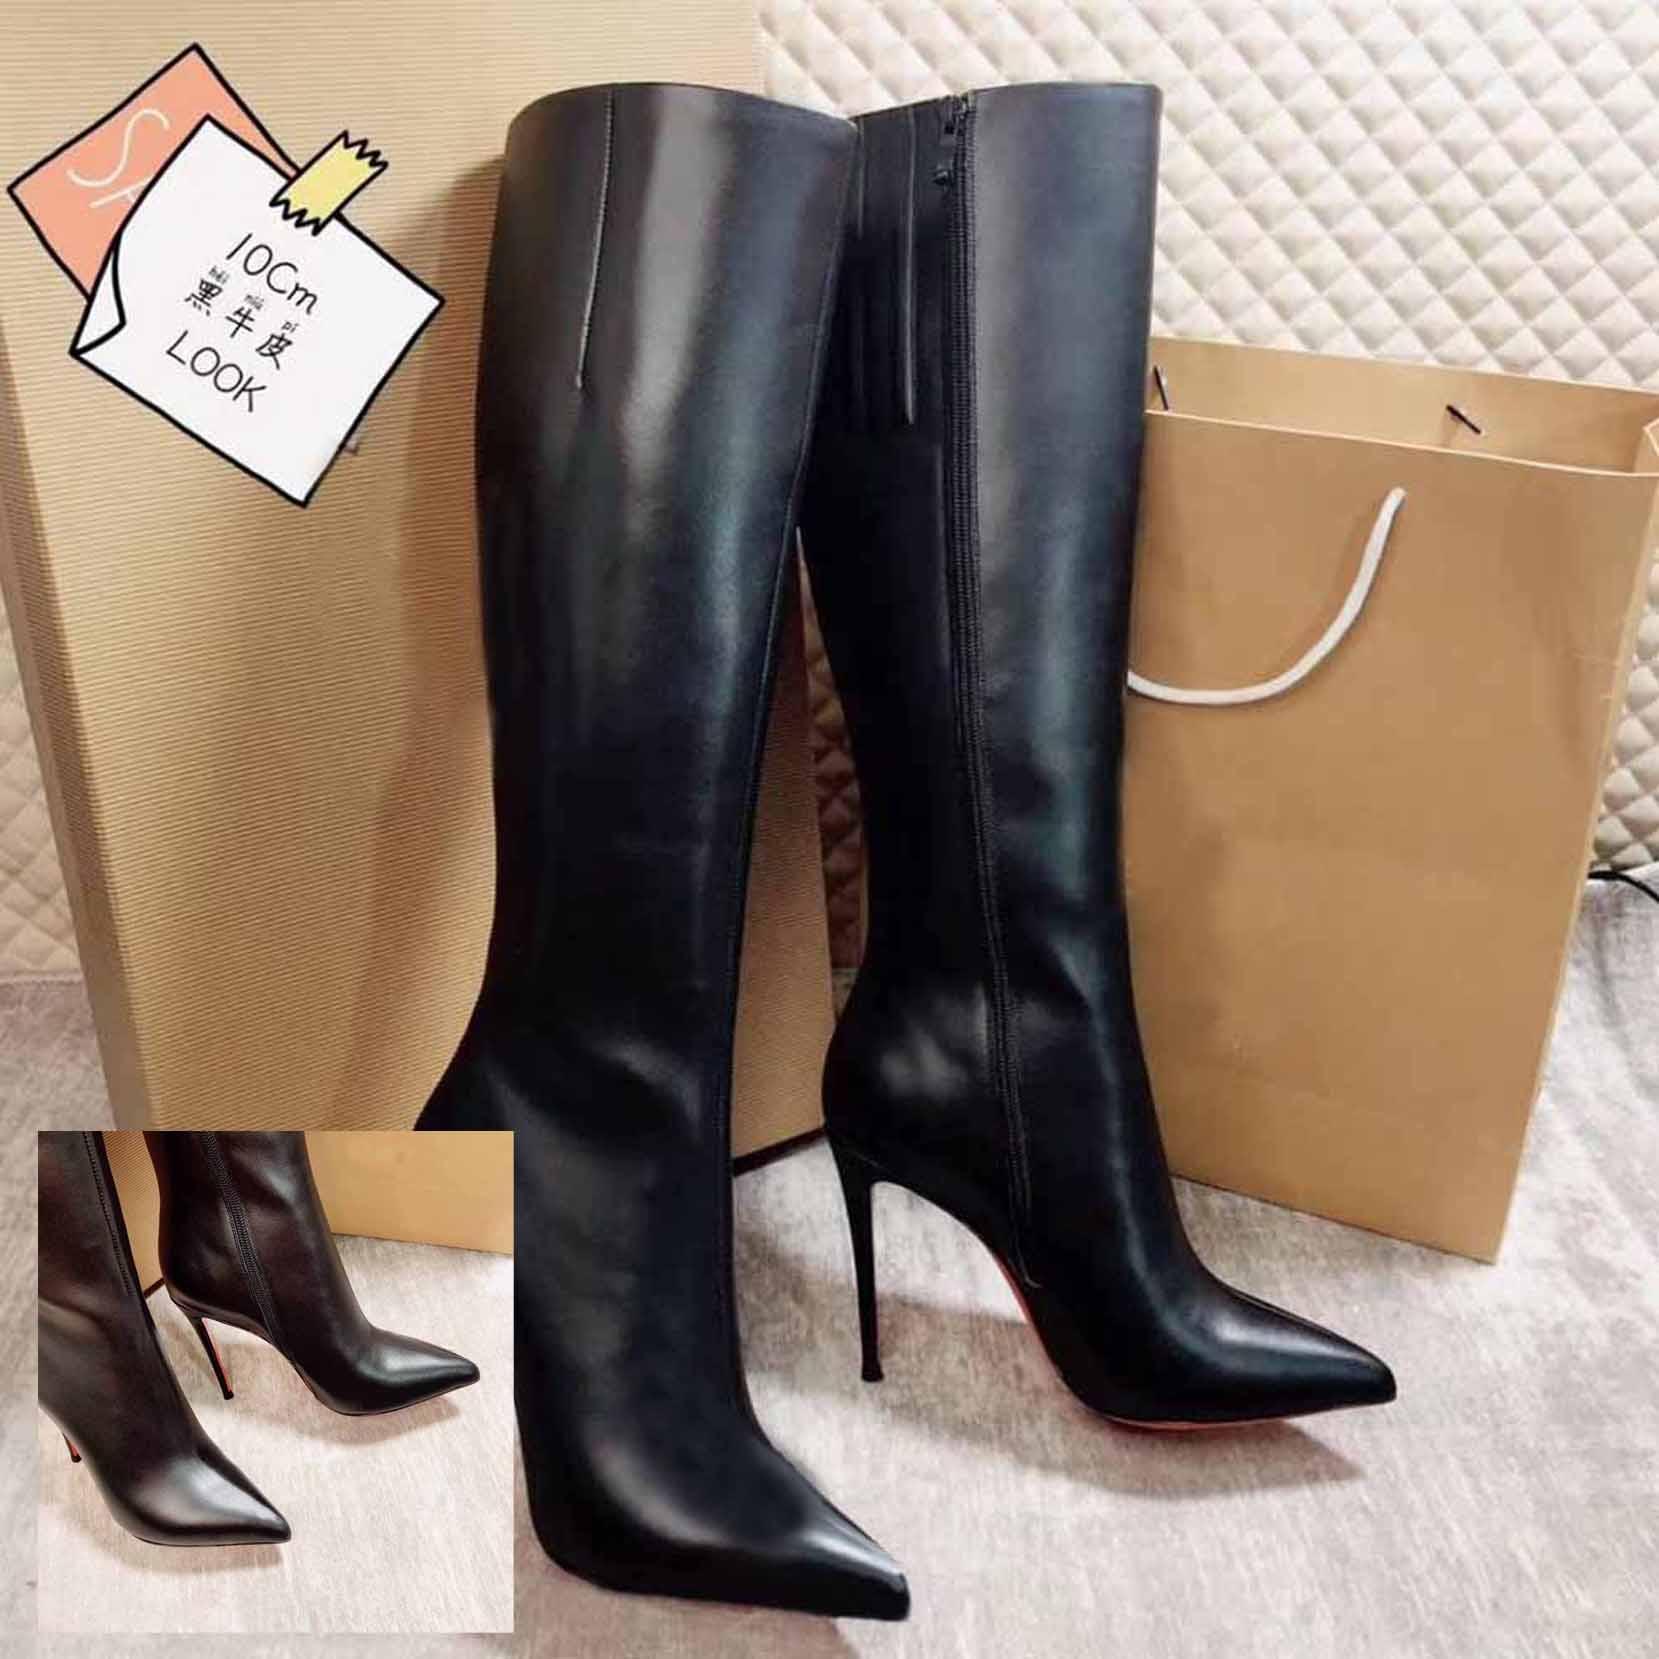 Moda donna sexy stivali rossi bottino bottino tacchi alti rossi-solens nero in pelle boot eloise pigskin all'interno della gamba alta donne vestito da sposa vestito da sposa borsetta borsetta